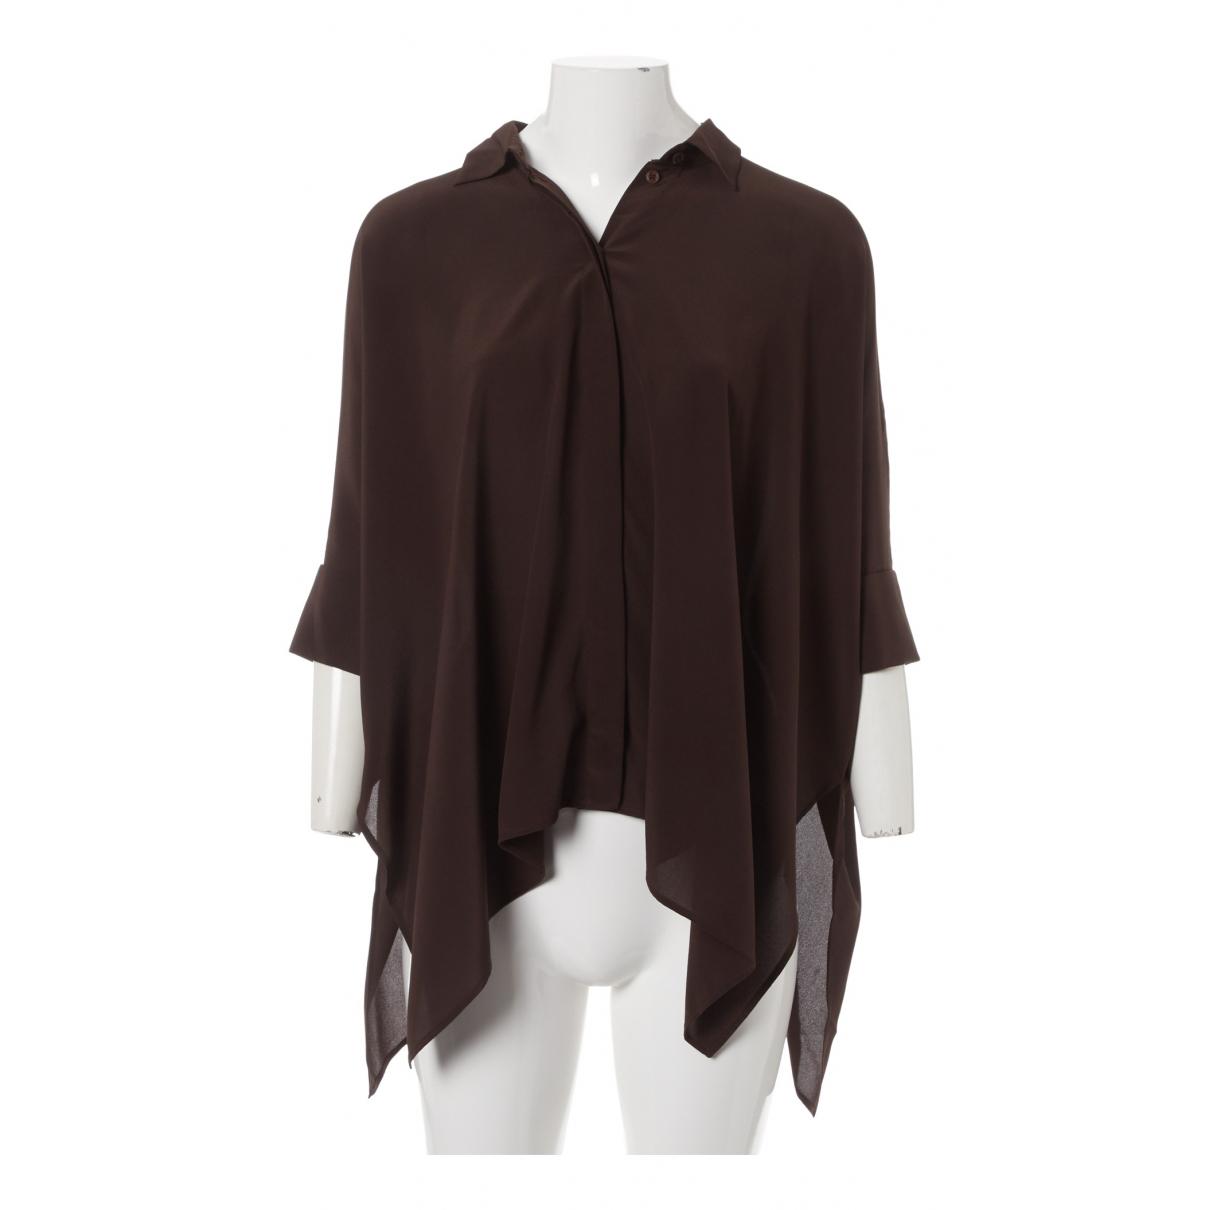 Gucci - Top   pour femme en soie - marron